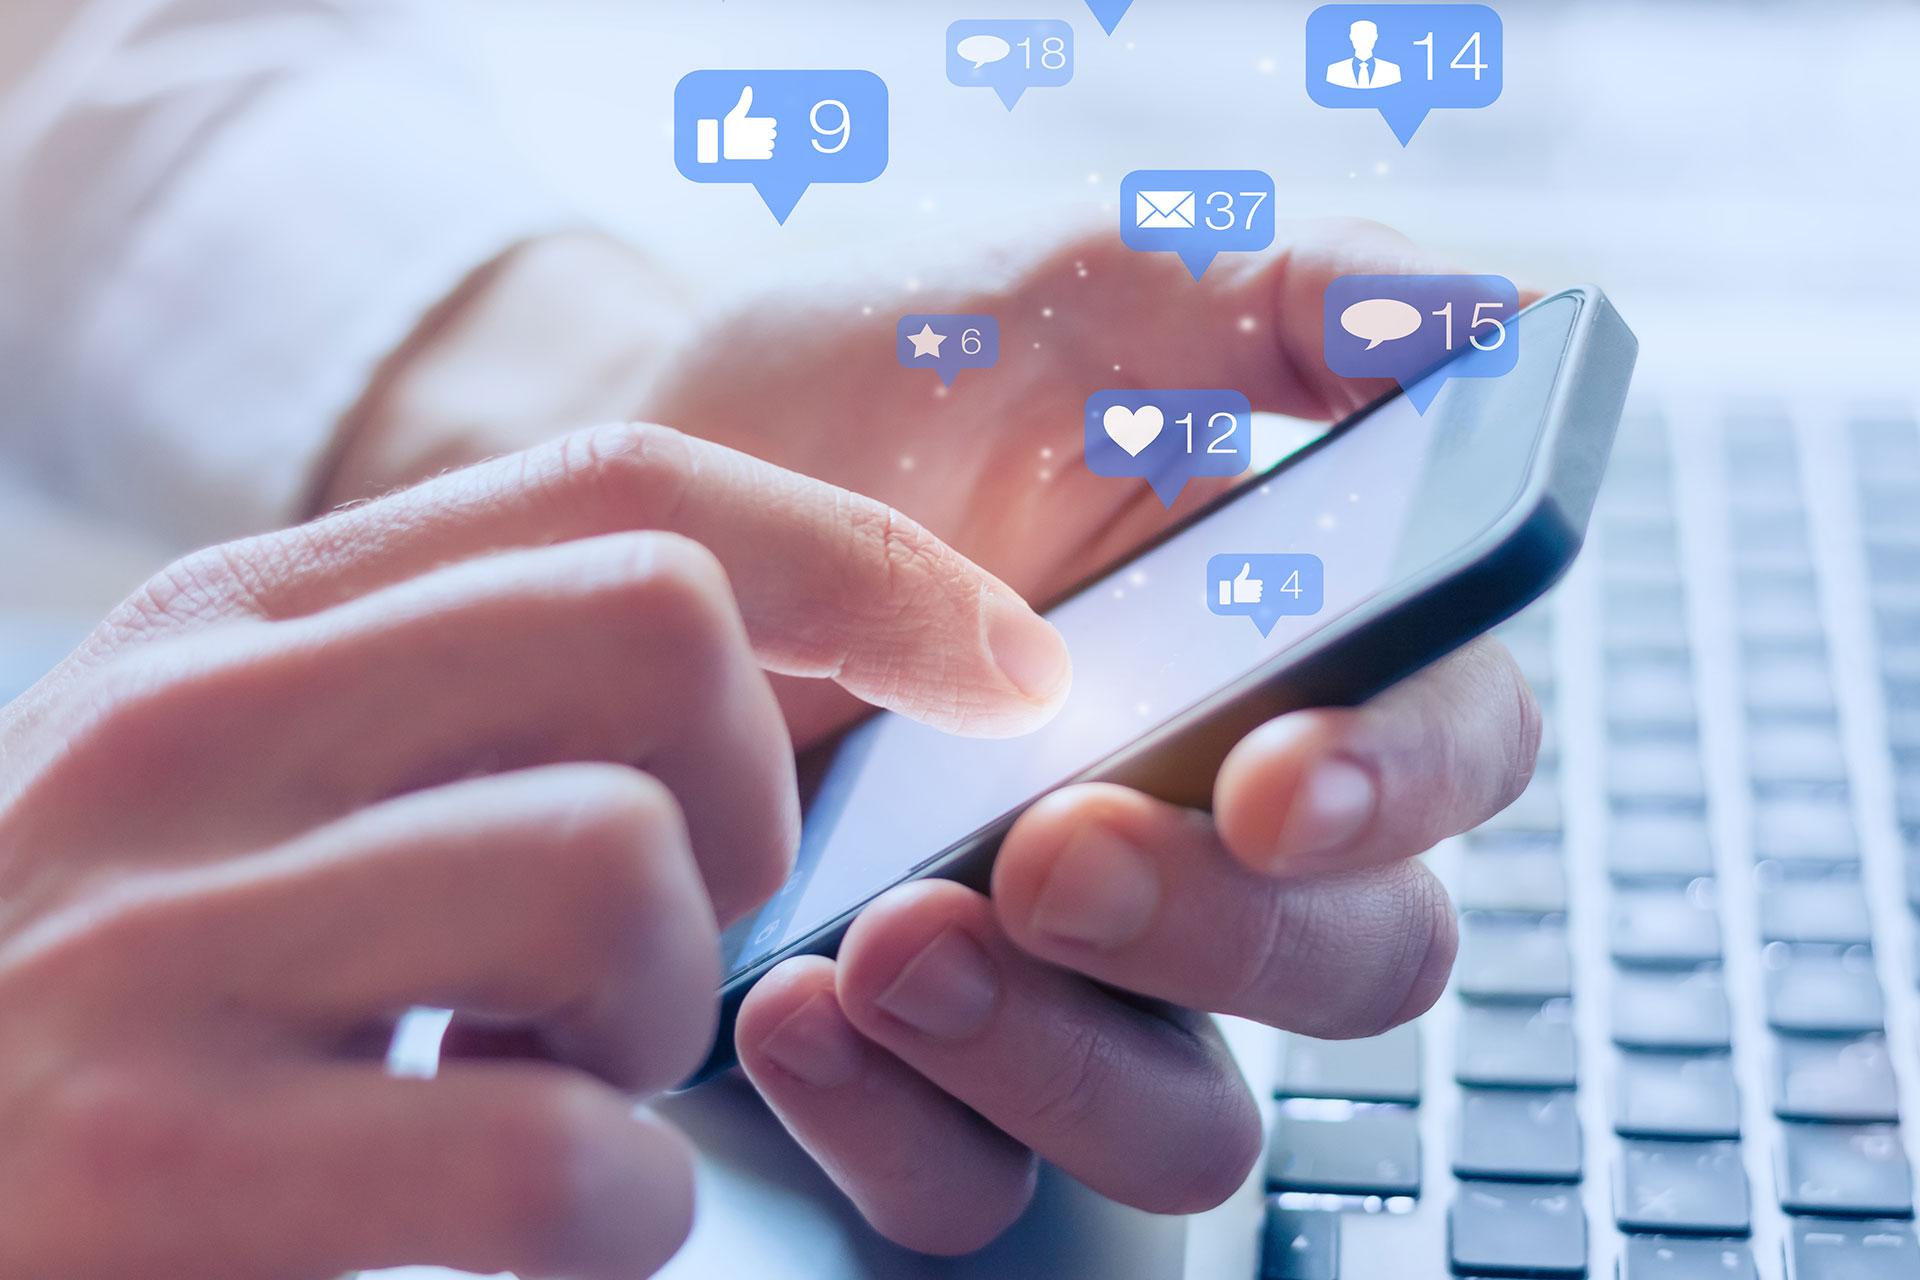 פייסבוק – מטרות, אובג'קטיבים ומודלים של אופטימיזציה